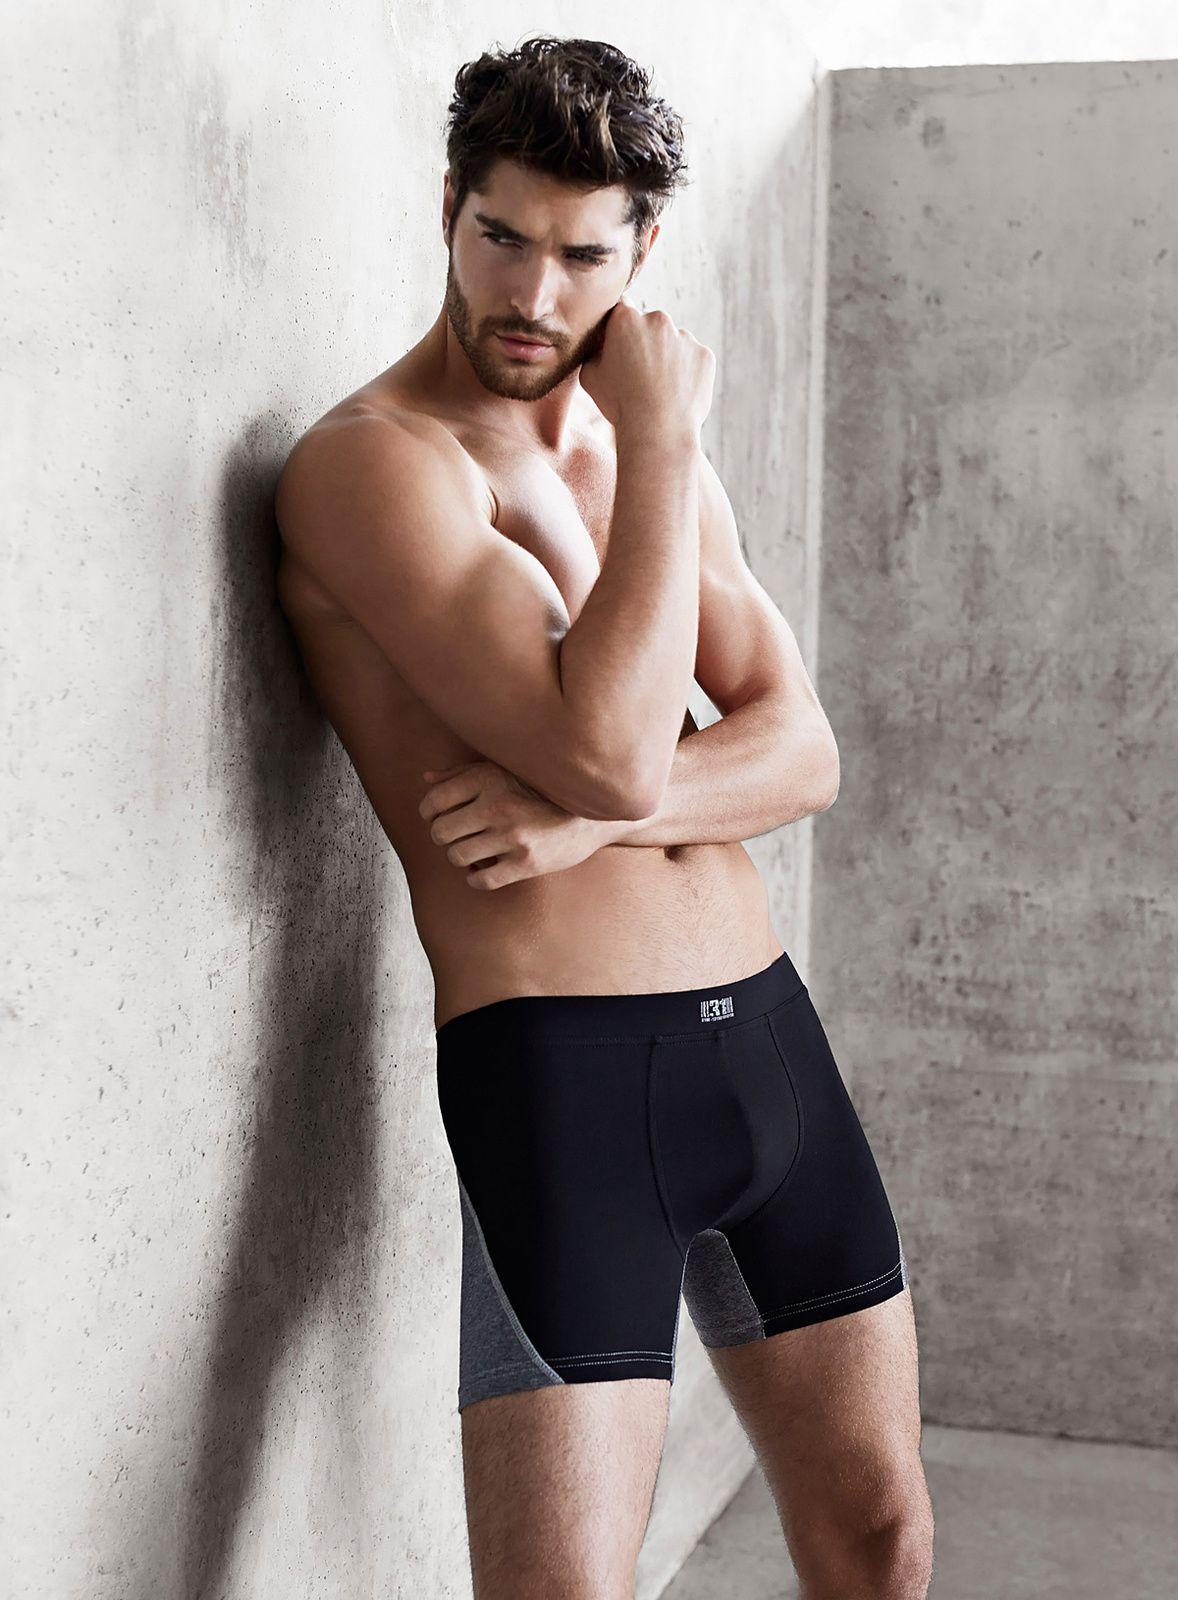 La Maison Simons underwear